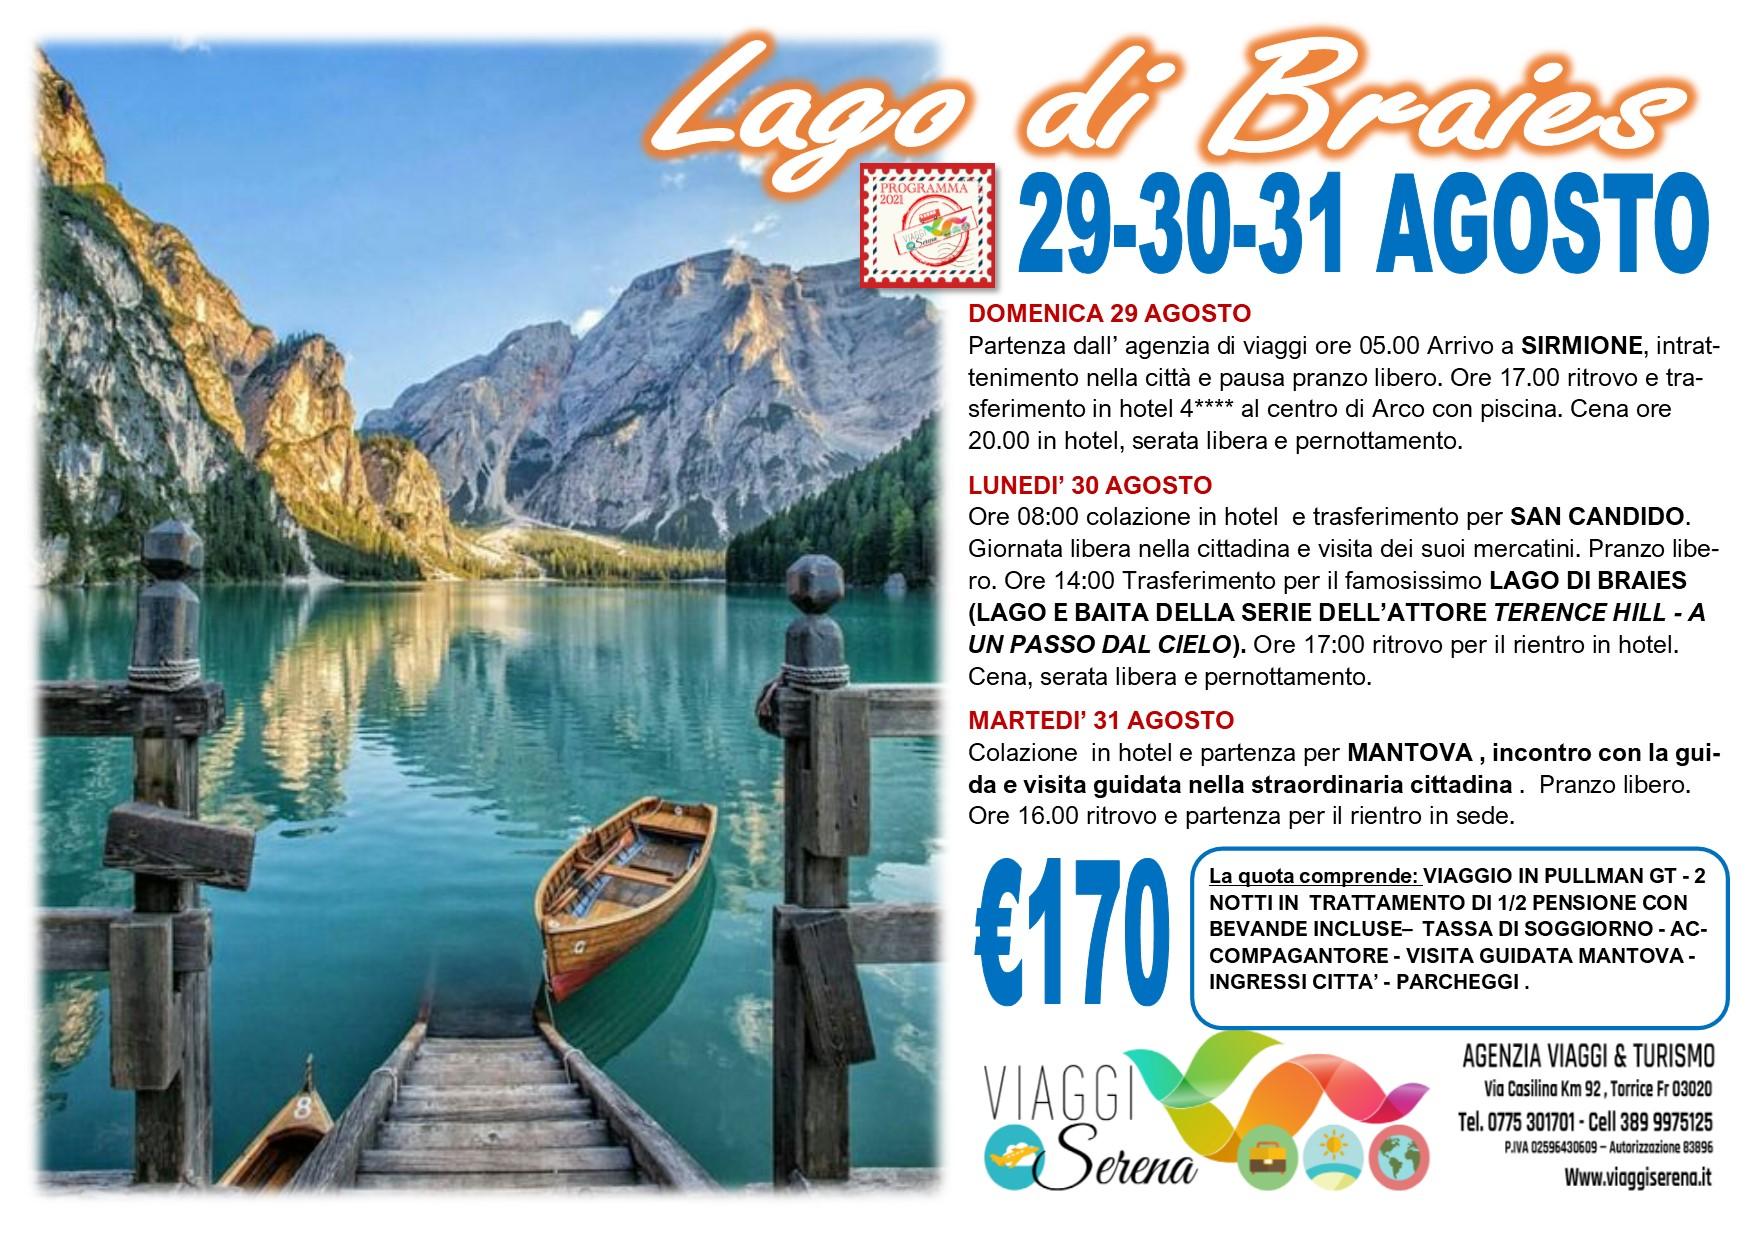 Viaggi di Gruppo: Lago di BRAIES , San Candido, Mantova & Sirmione 29-30-31 Agosto € 170,00